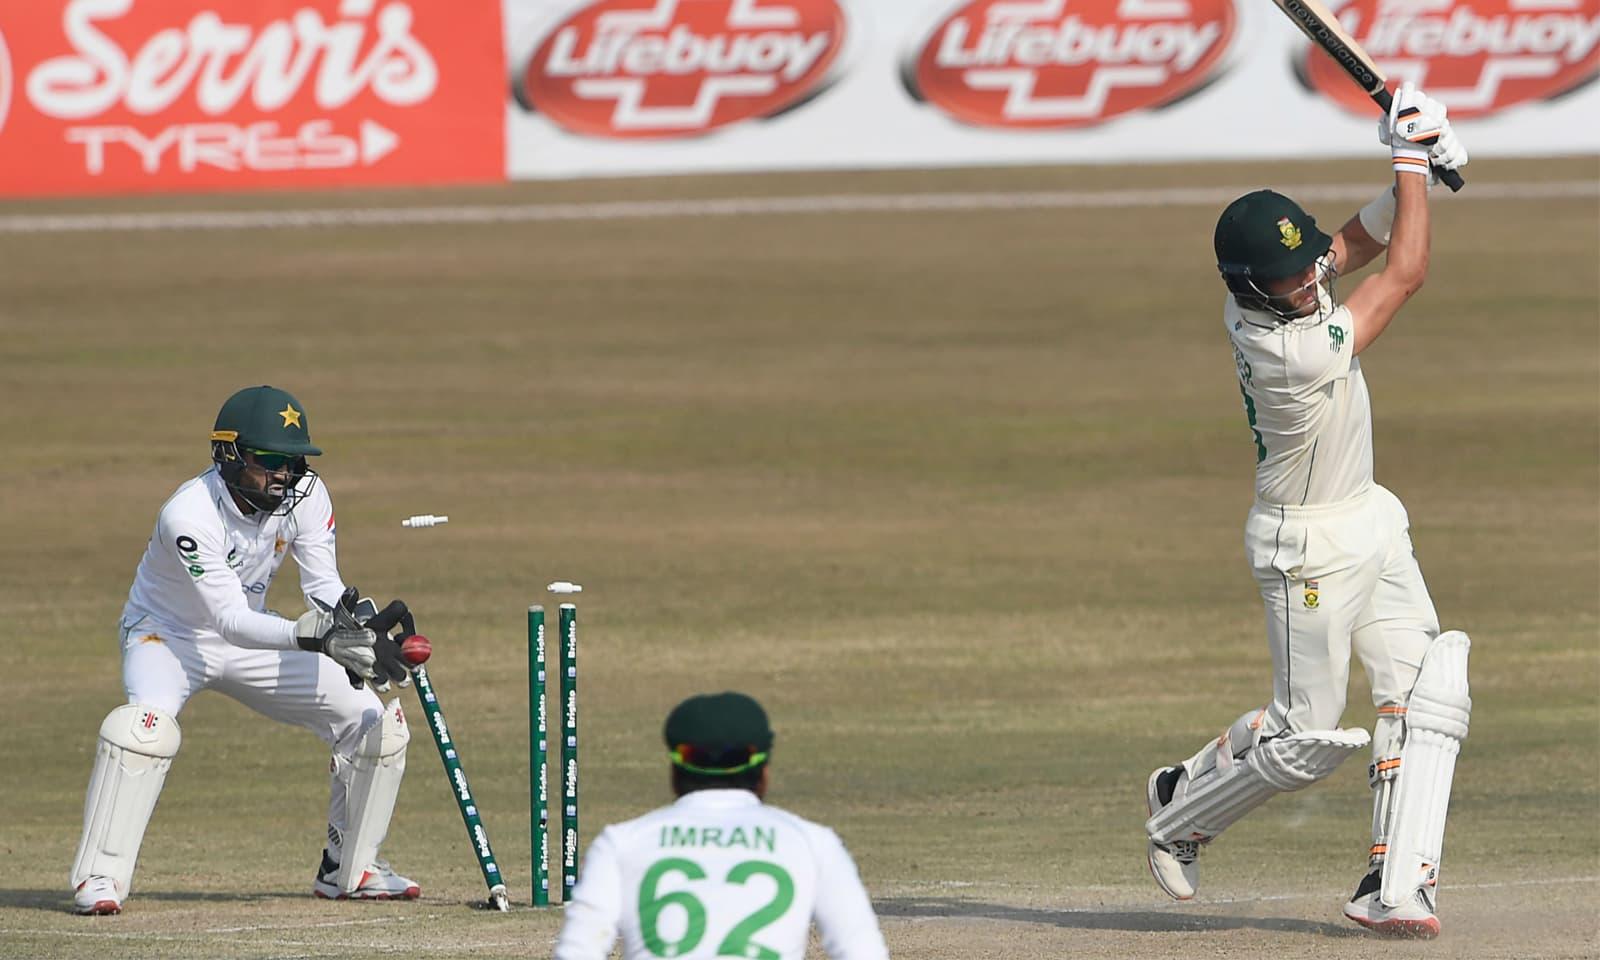 یاسر شاہ نے ویان ملڈر کی آخری وکٹ حاصل کر کے پاکستان کو میچ اور سیریز میں فتح سے ہمکنار کرایا— فوٹو: اے ایف پی